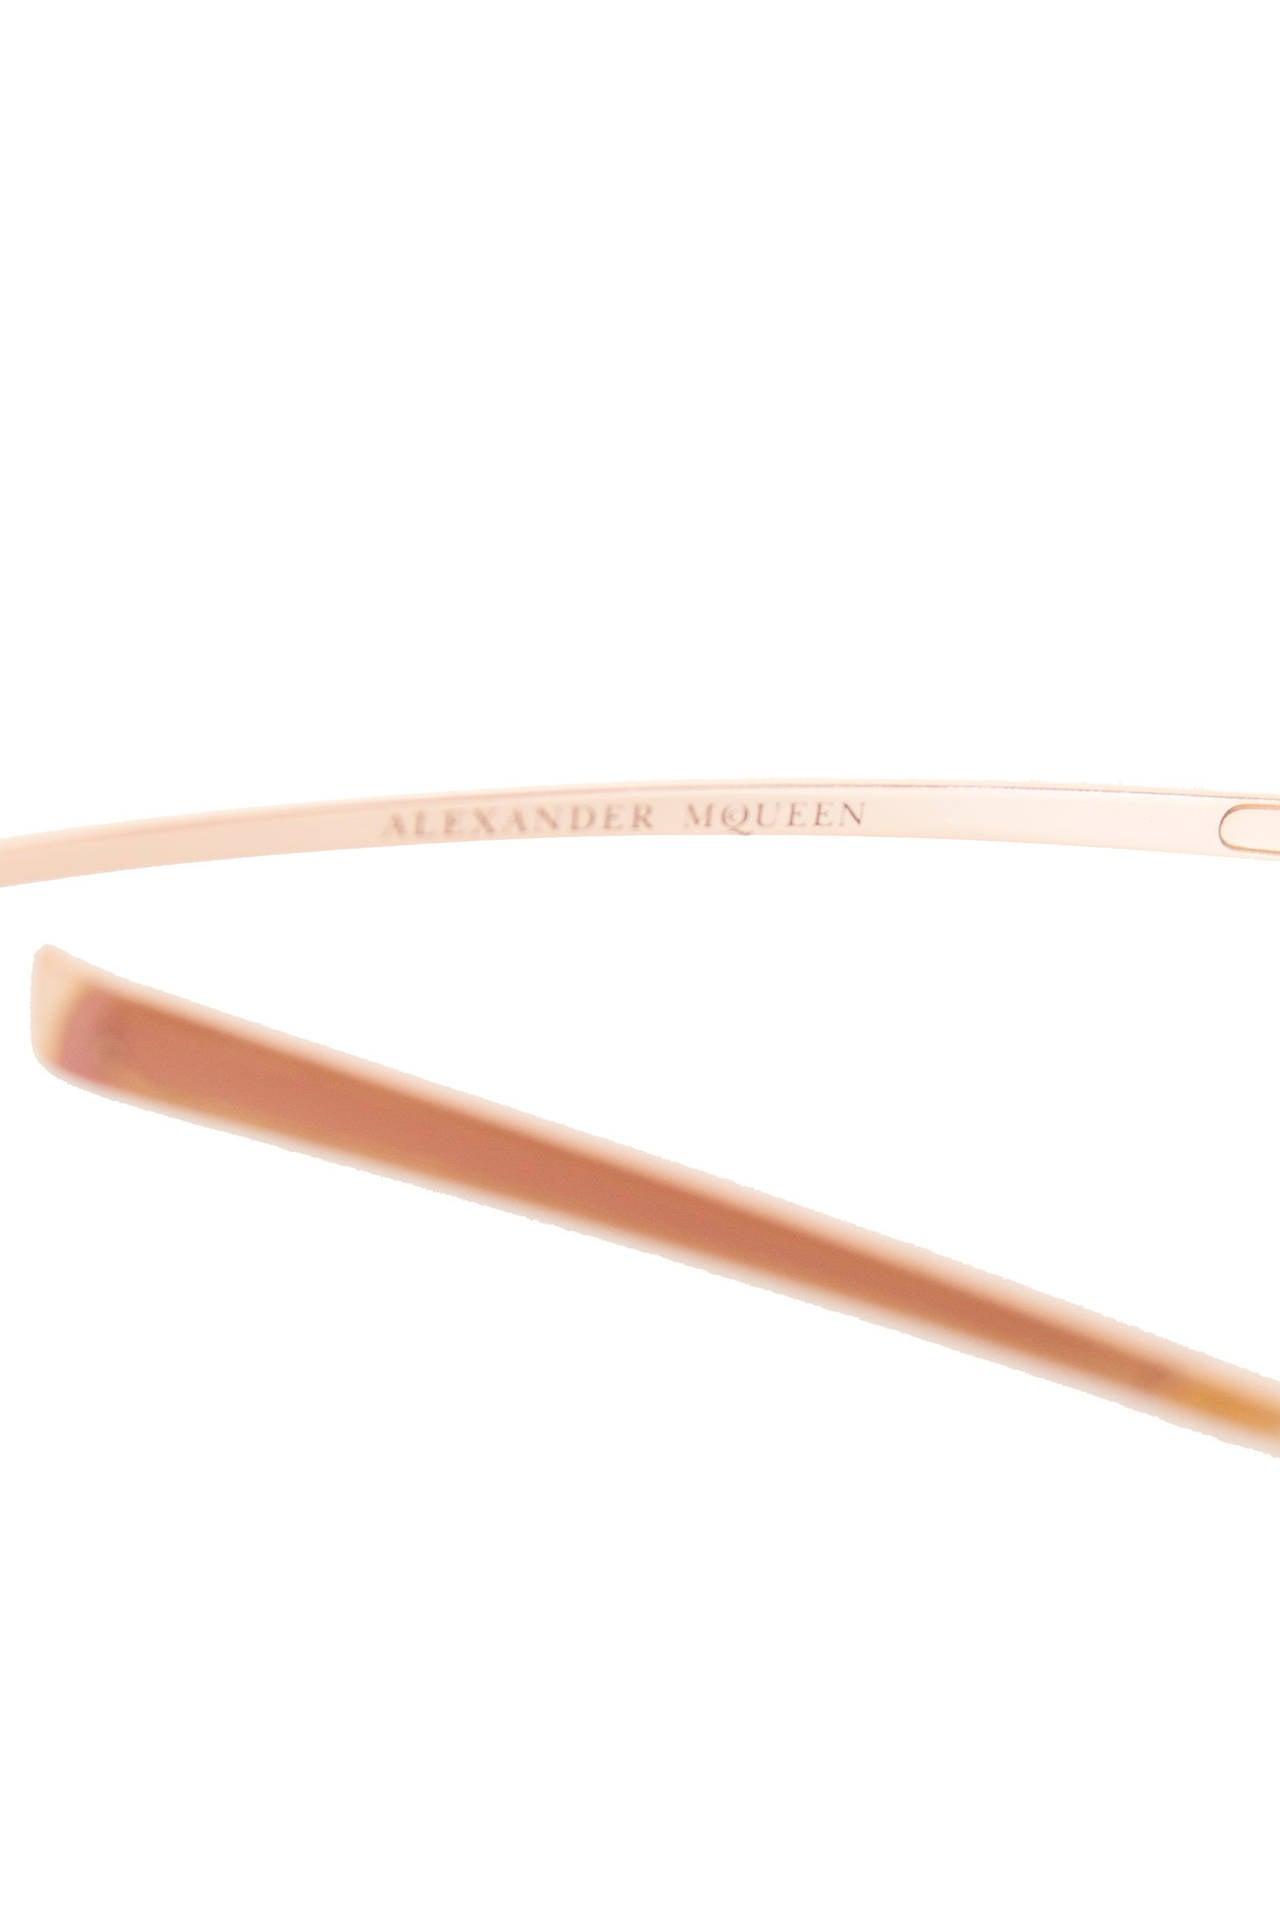 Rare Alexander McQueen Sunglasses For Sale 1